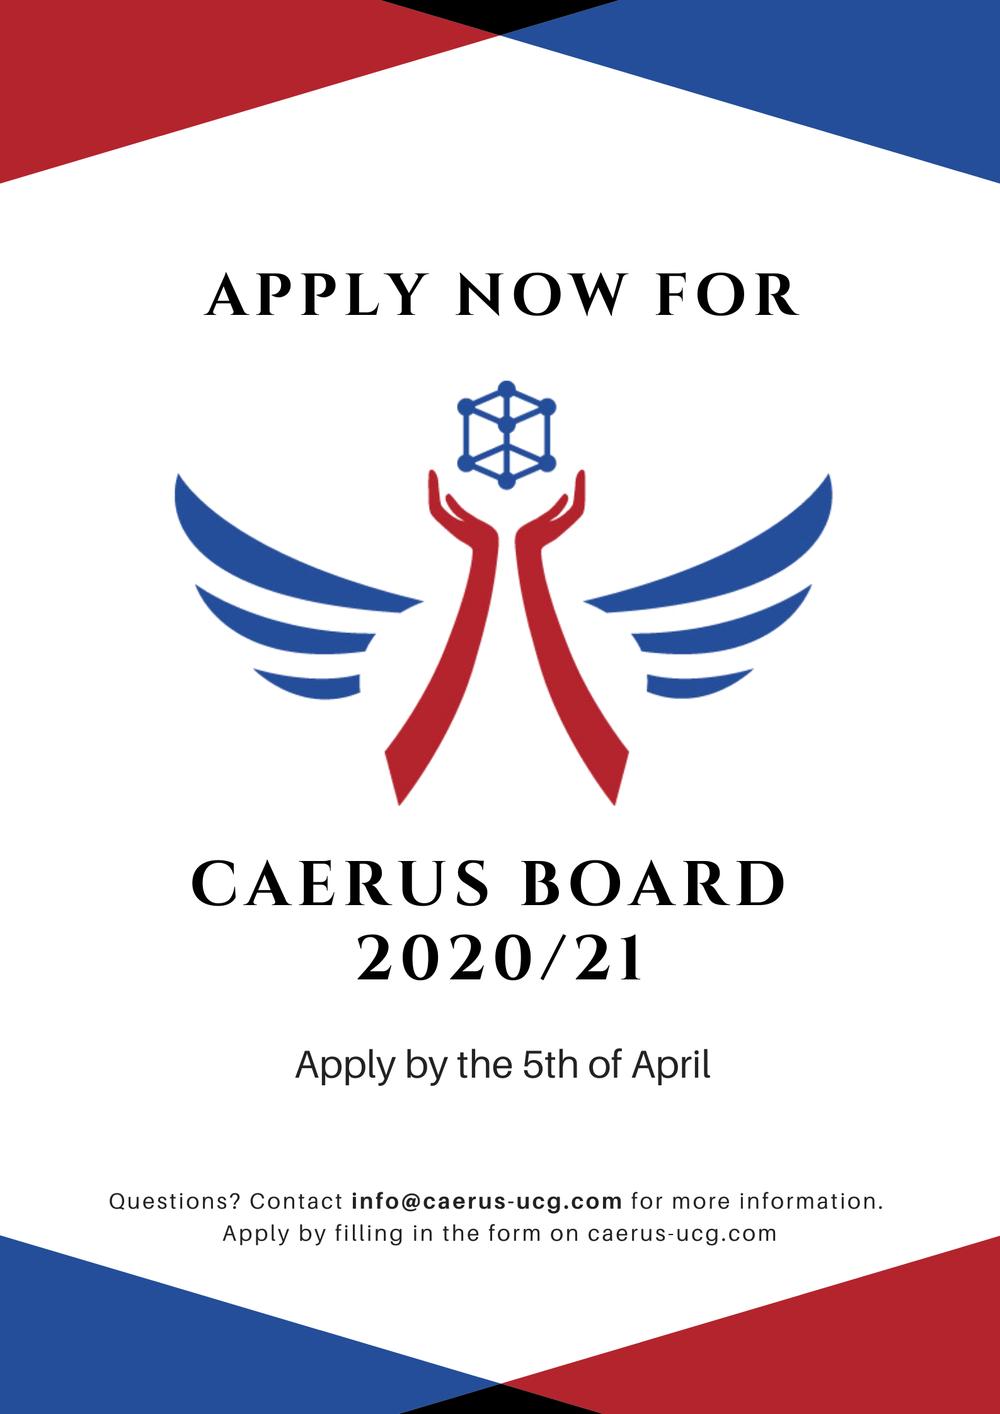 Board Application deadline